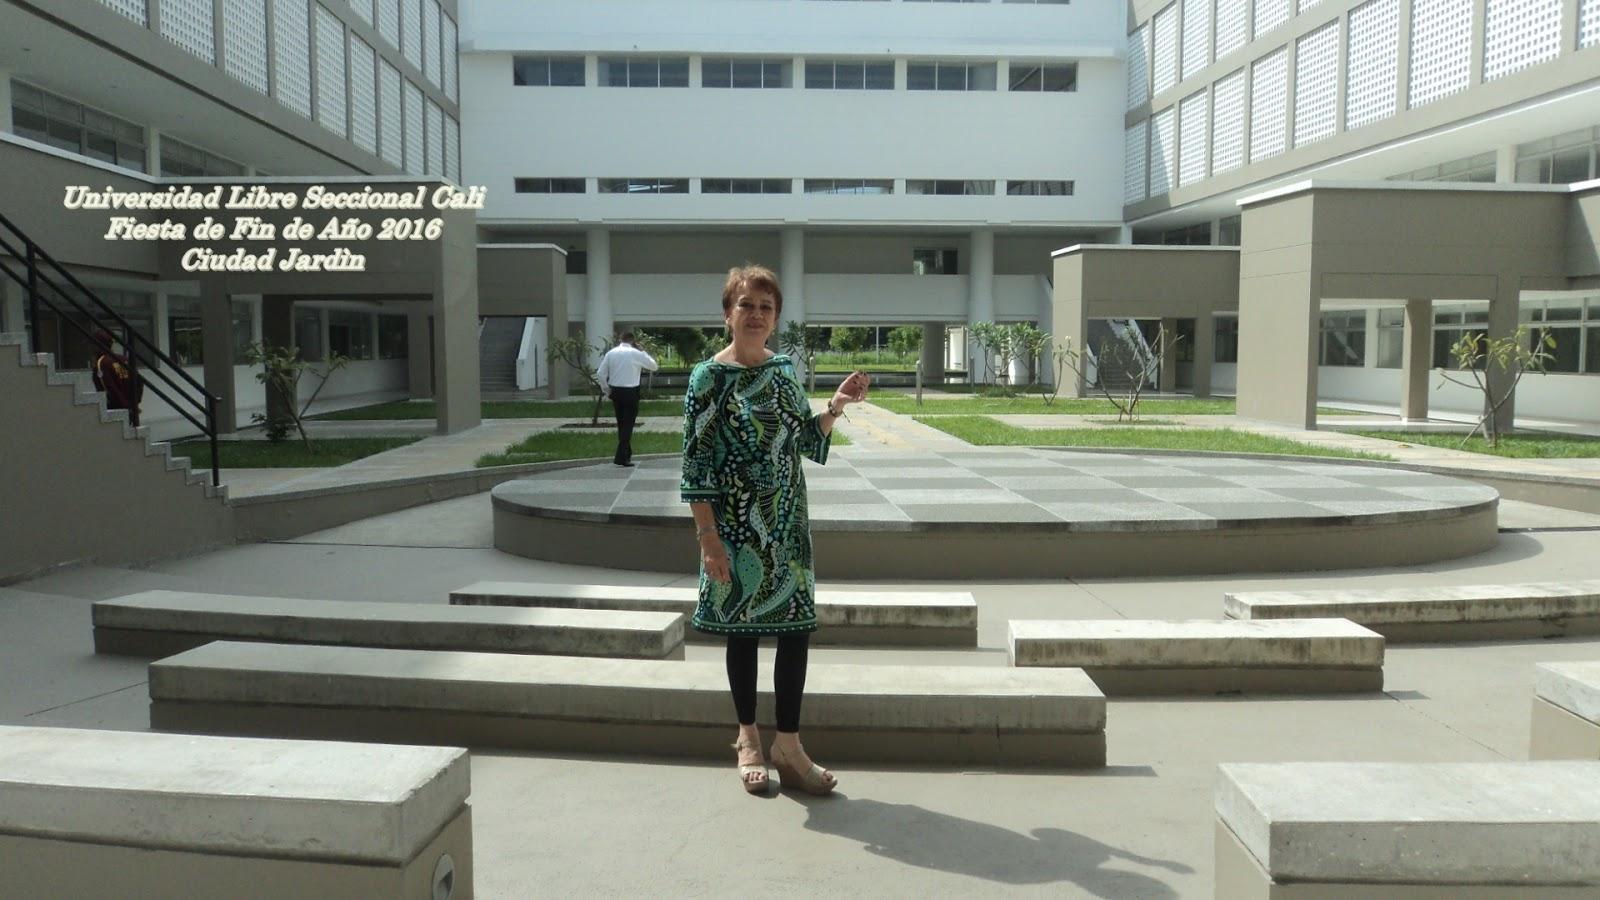 Noti poemas telepolvero universidad libre seccional cali for Cali ciudad jardin